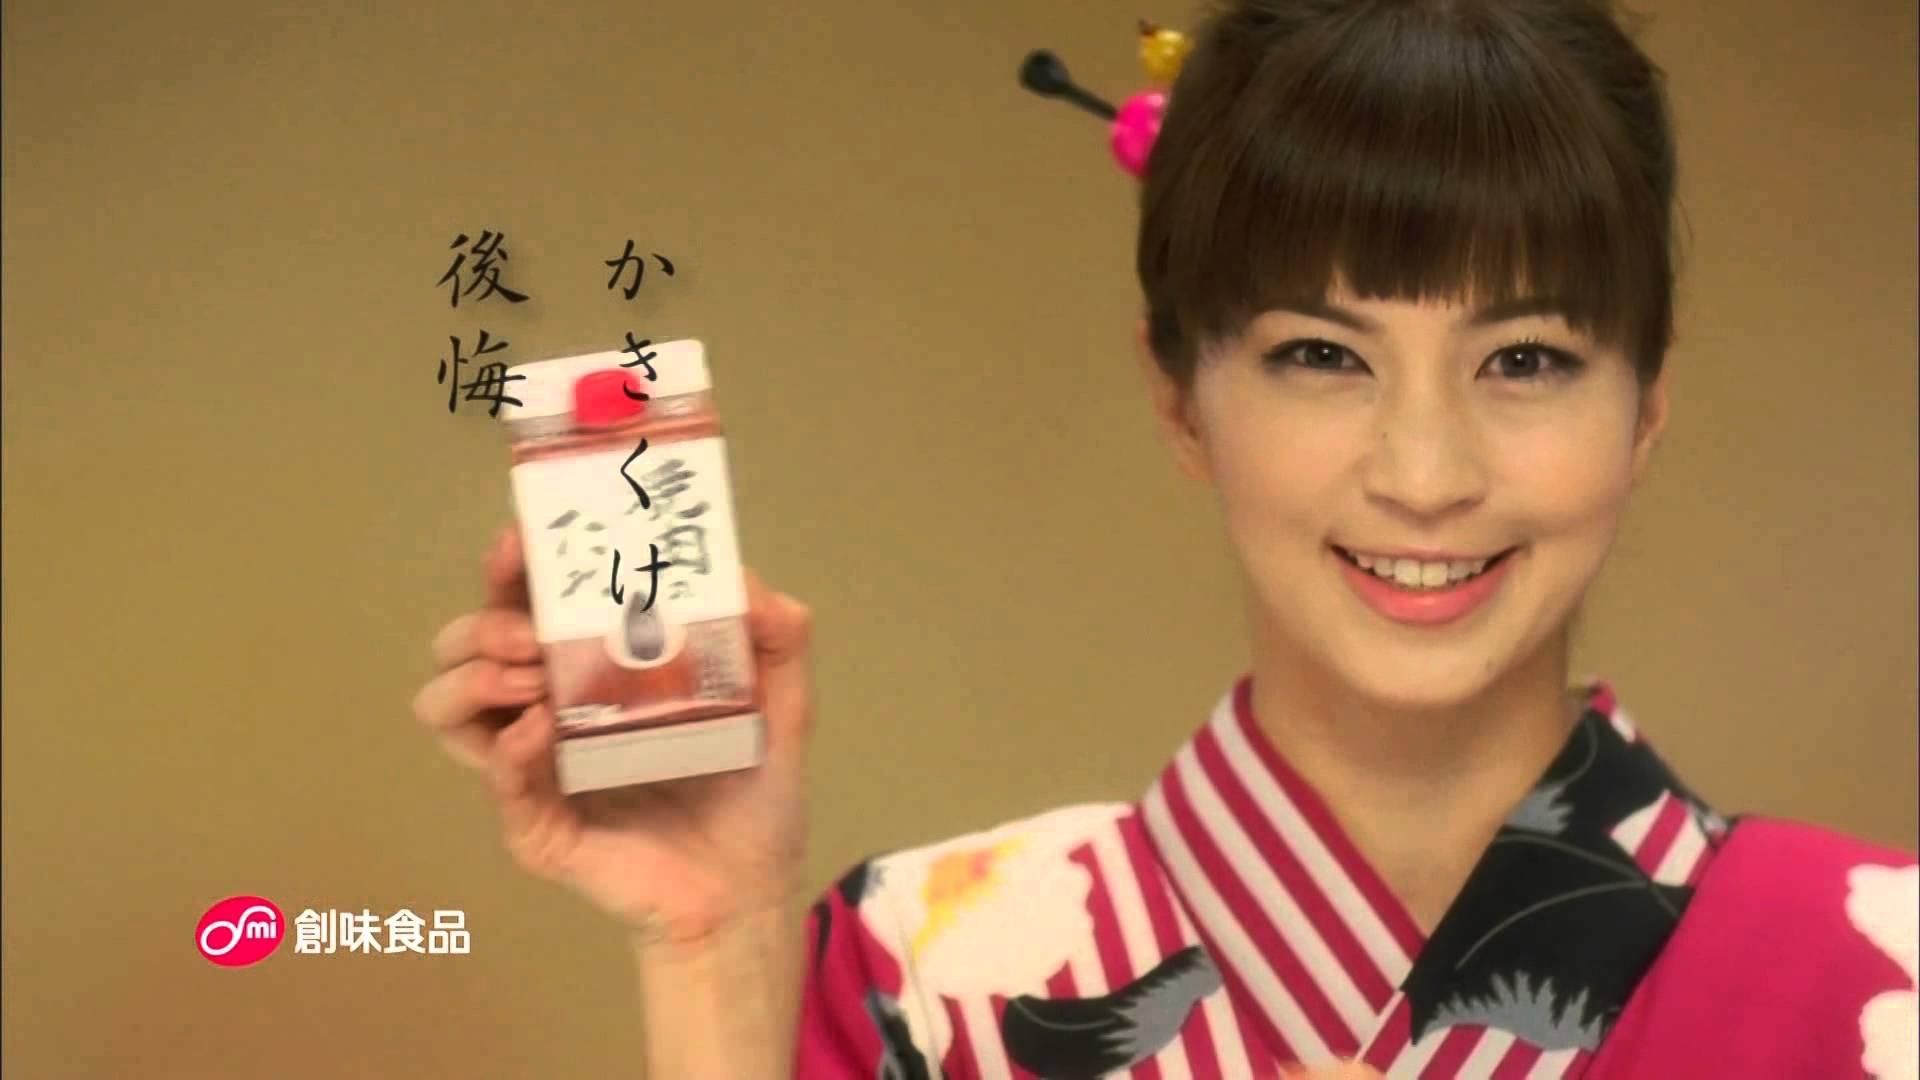 【京女】安田美沙子さんのマラソンは本気すぎるらしい!【意地】のサムネイル画像